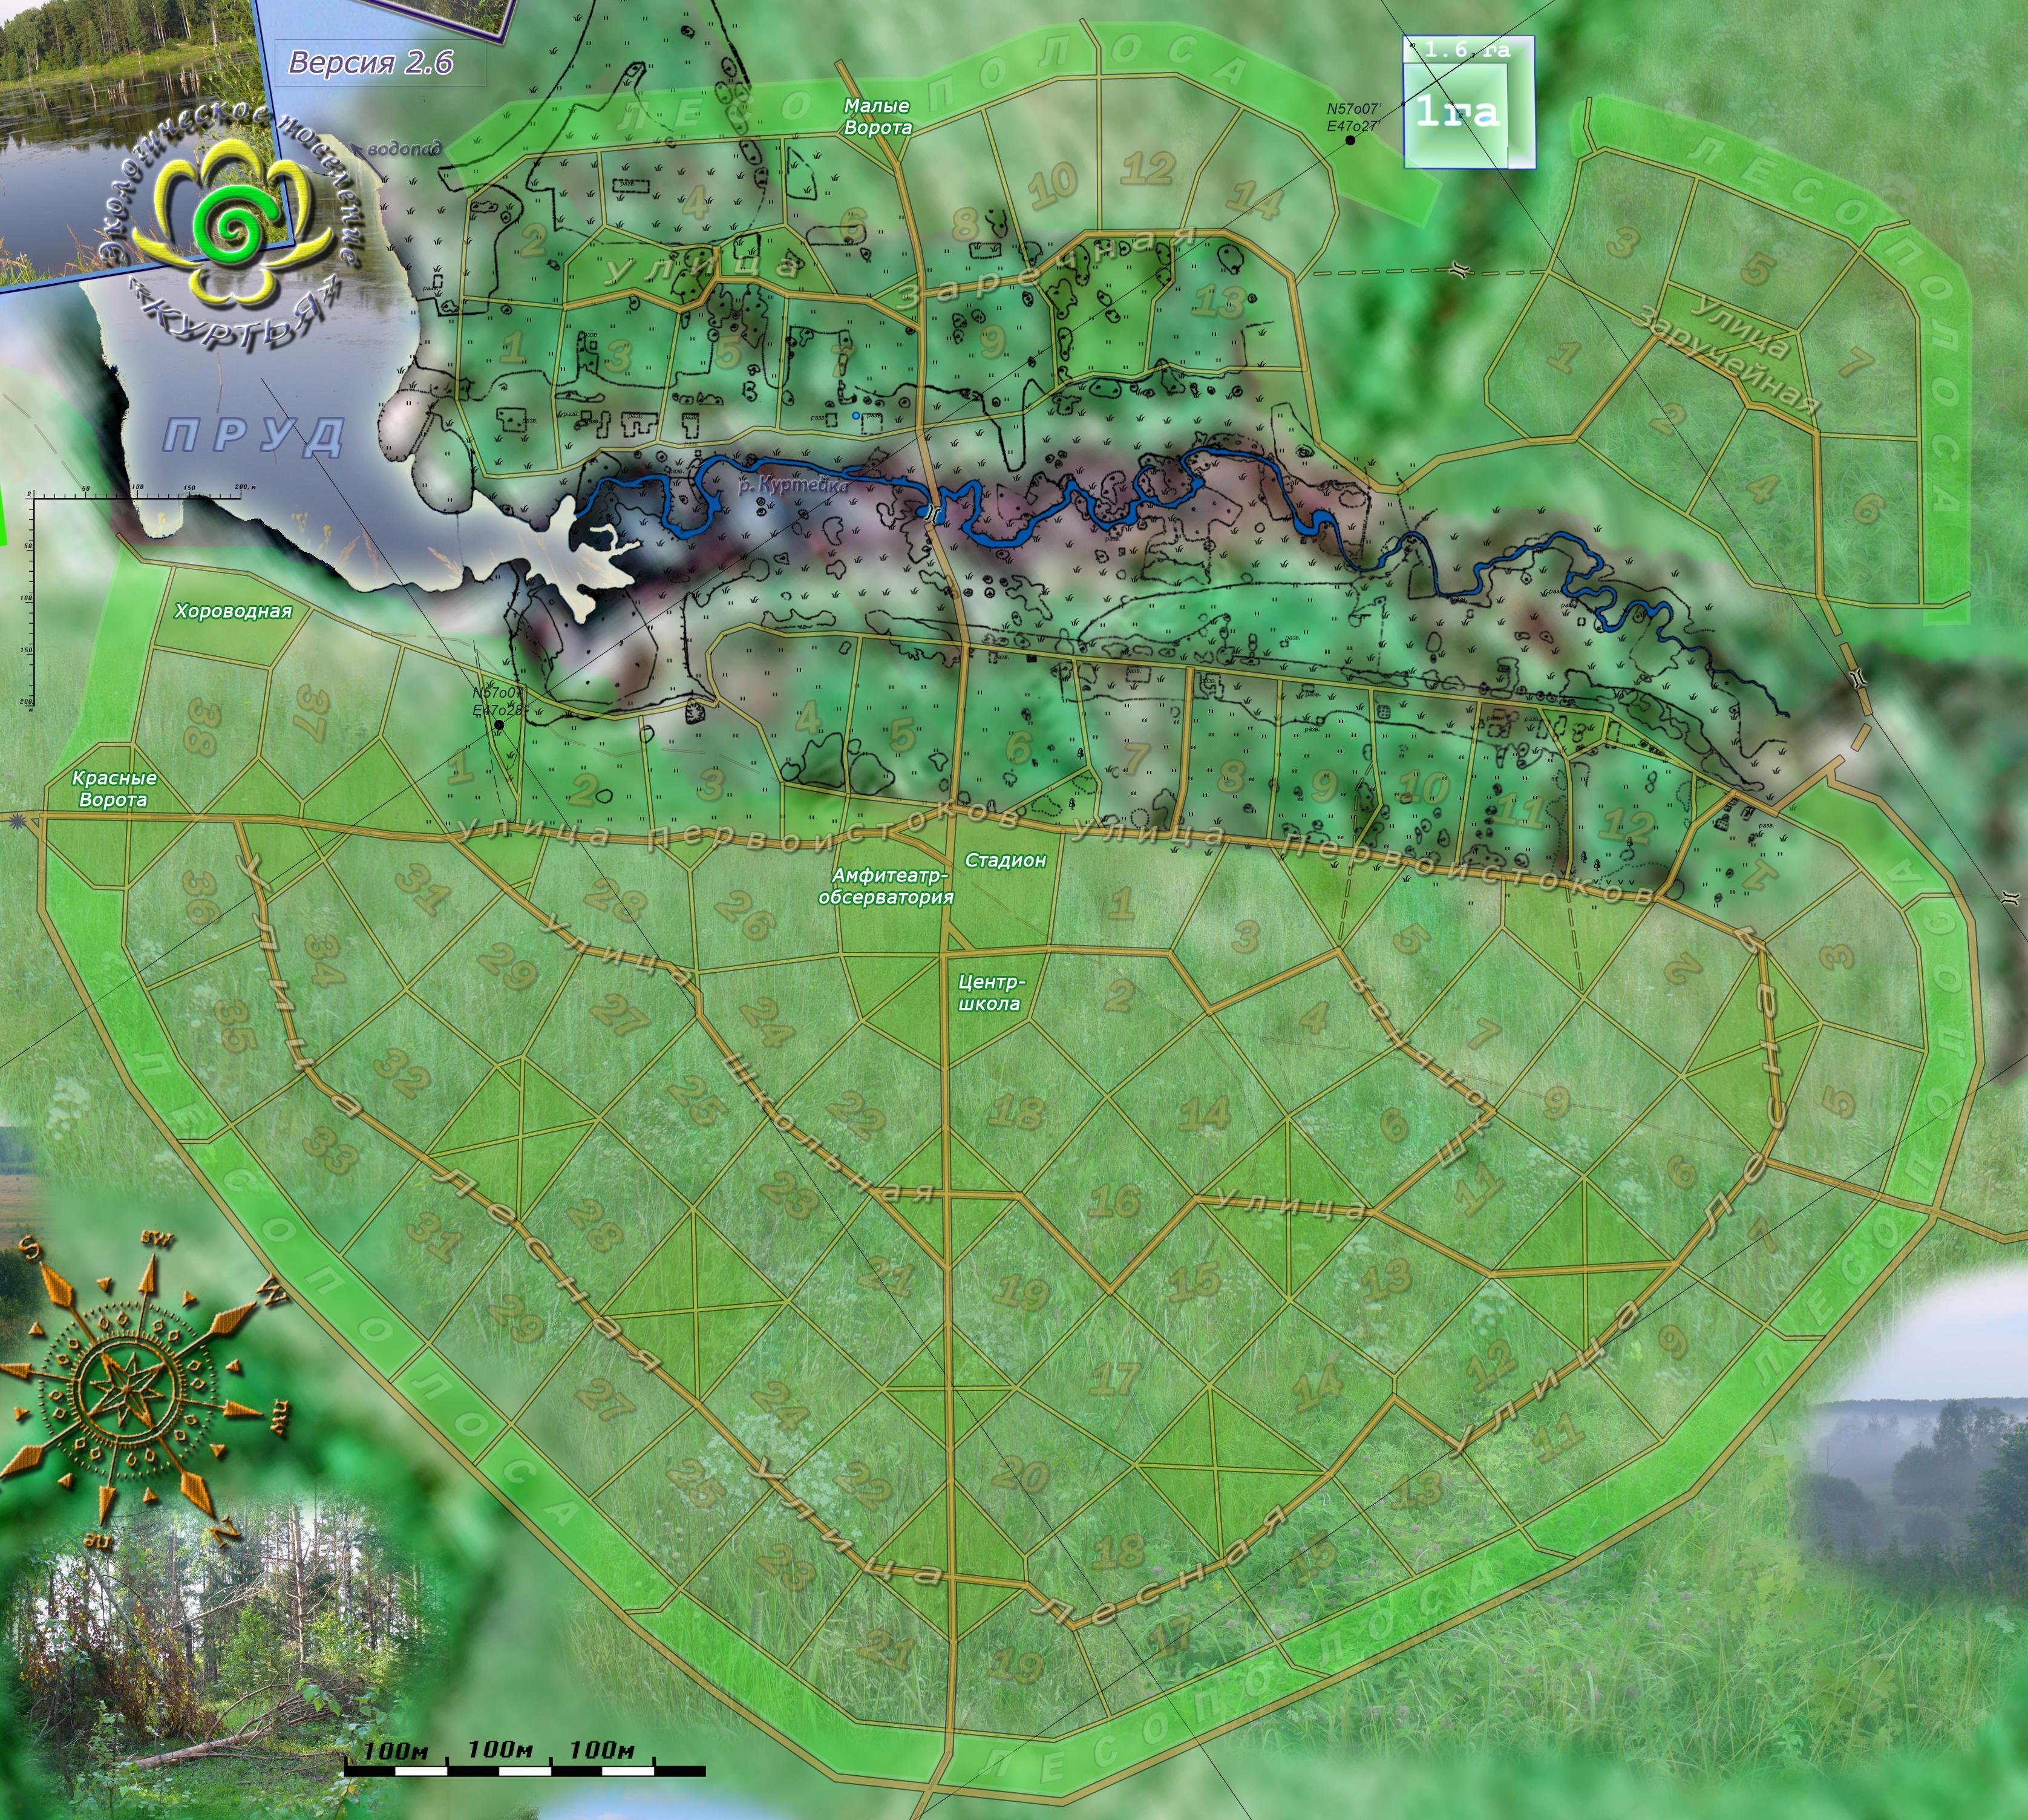 Опубликовано.  Родовые поселения. в 21 Ноябрь 2009 - 11:29. план поселения.  В оригинале. план местности...